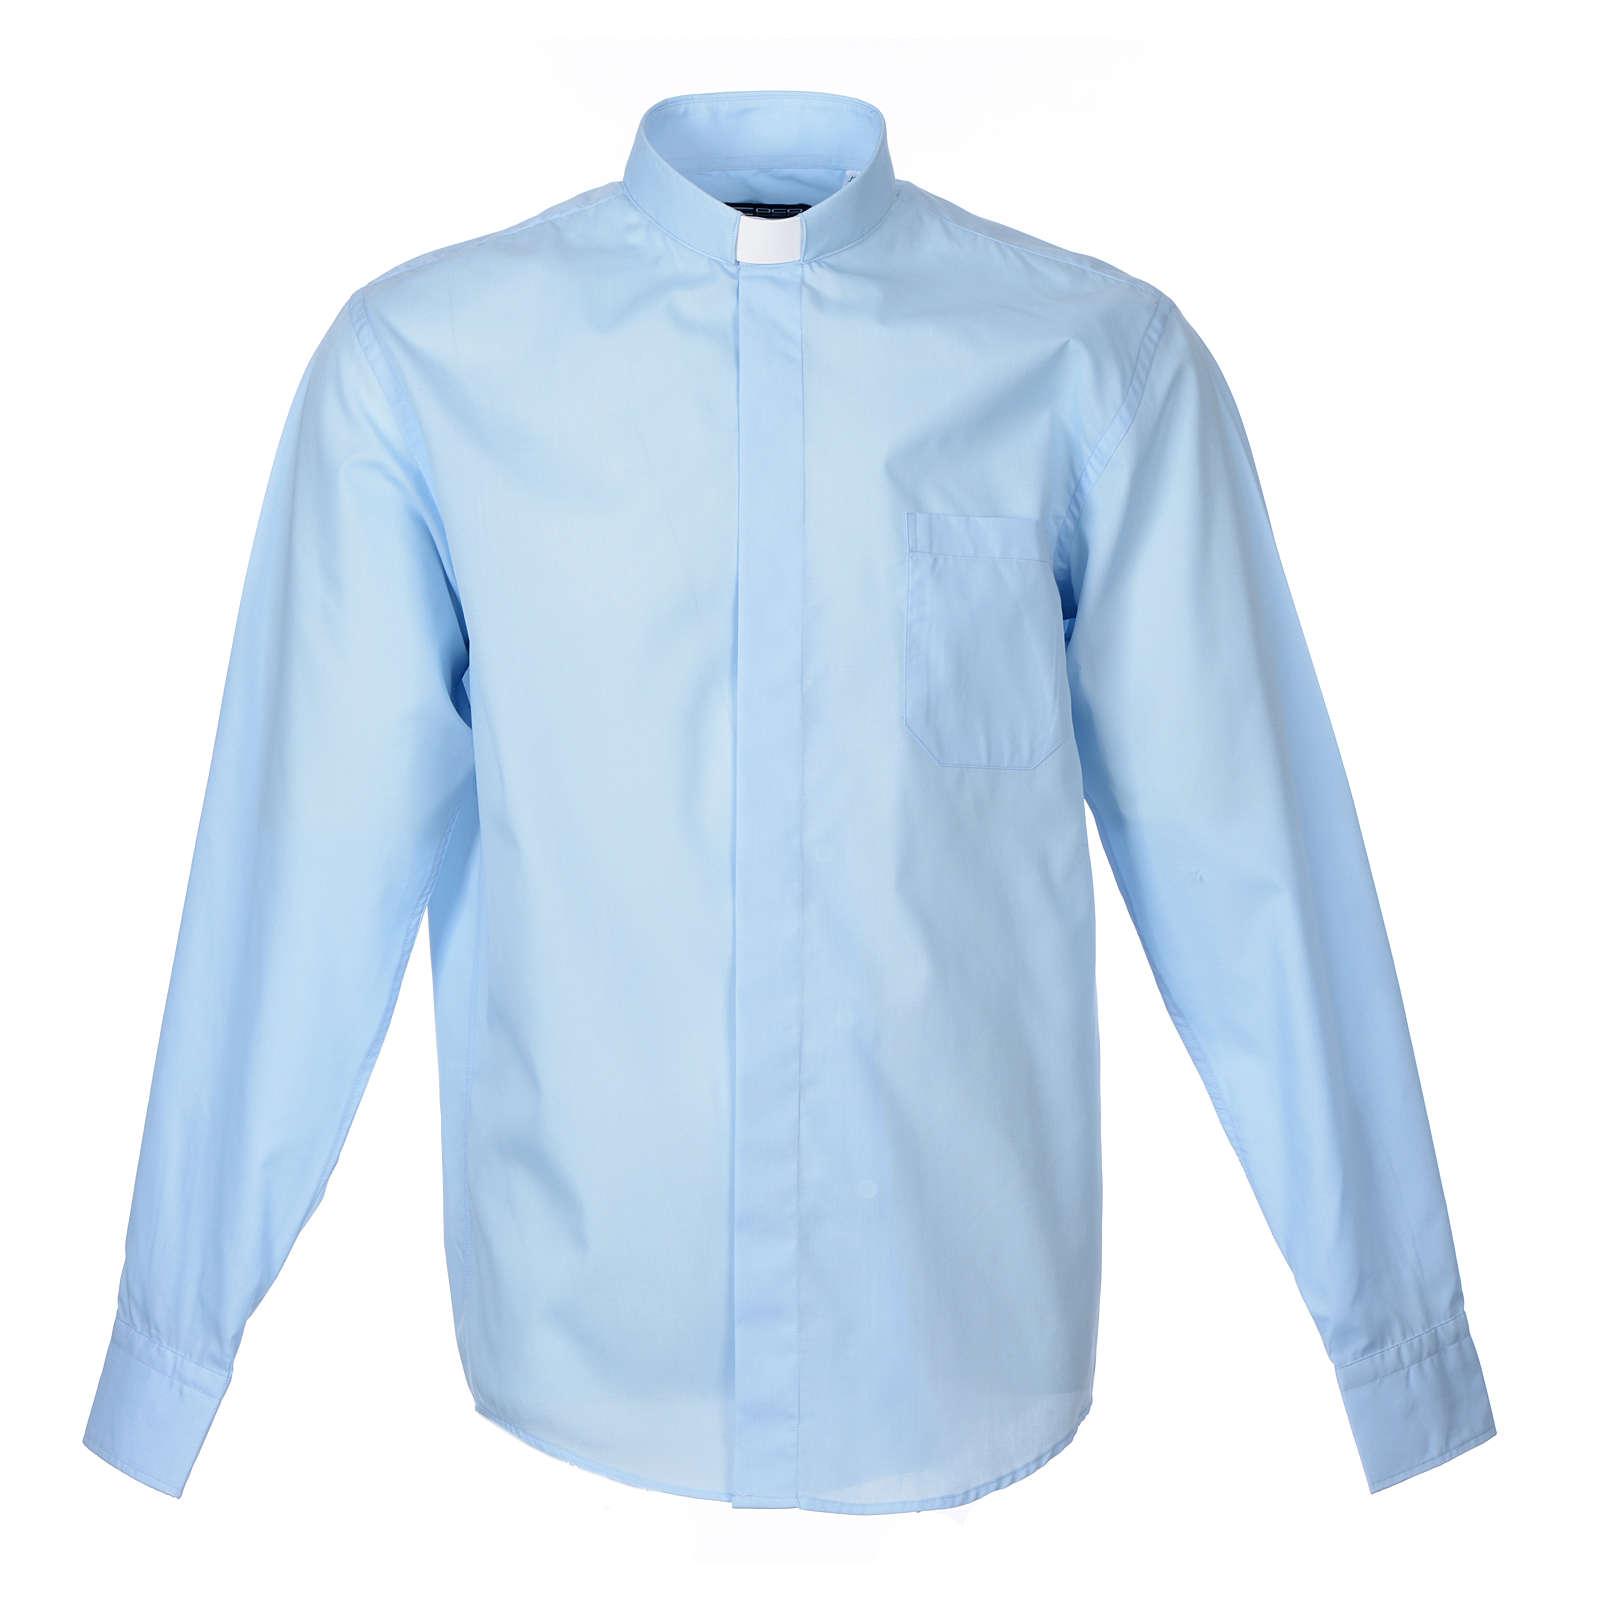 Camisa clergy M/L uma cor misto algodão azul claro 4